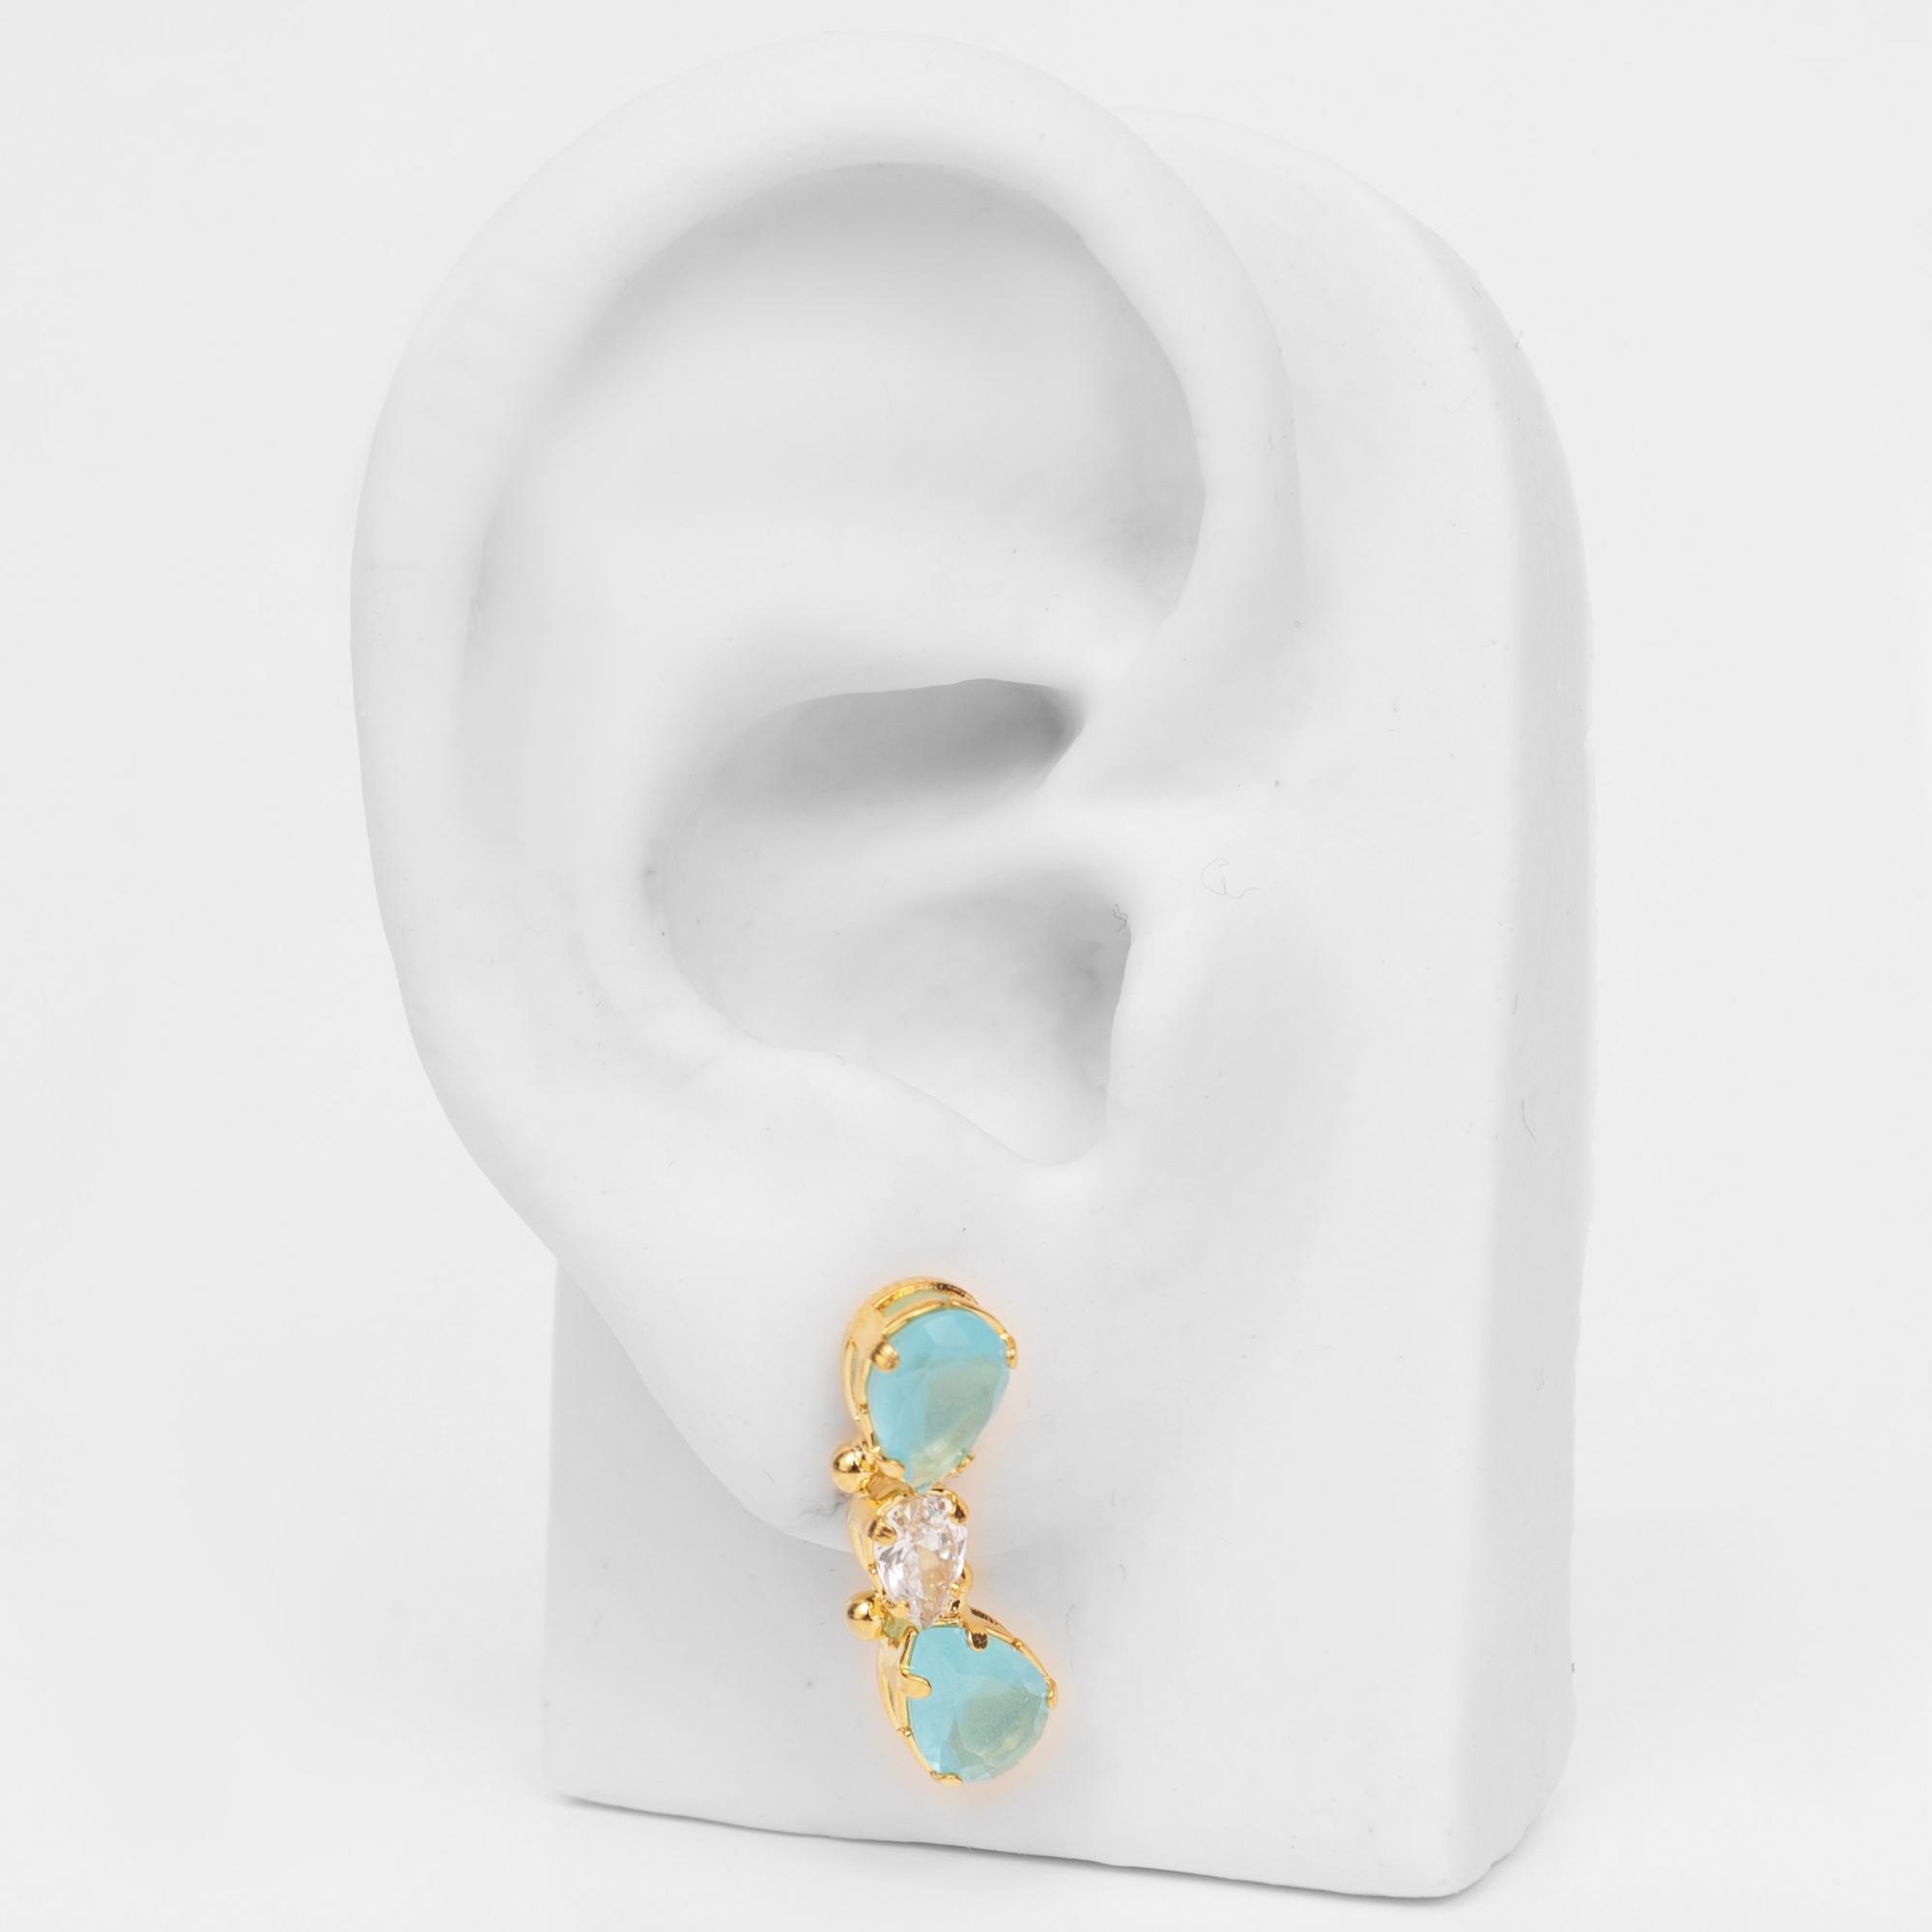 Brinco Ear Cuff com Zircônias Gotas Folheado Ouro 18k  - Lunozê Joias